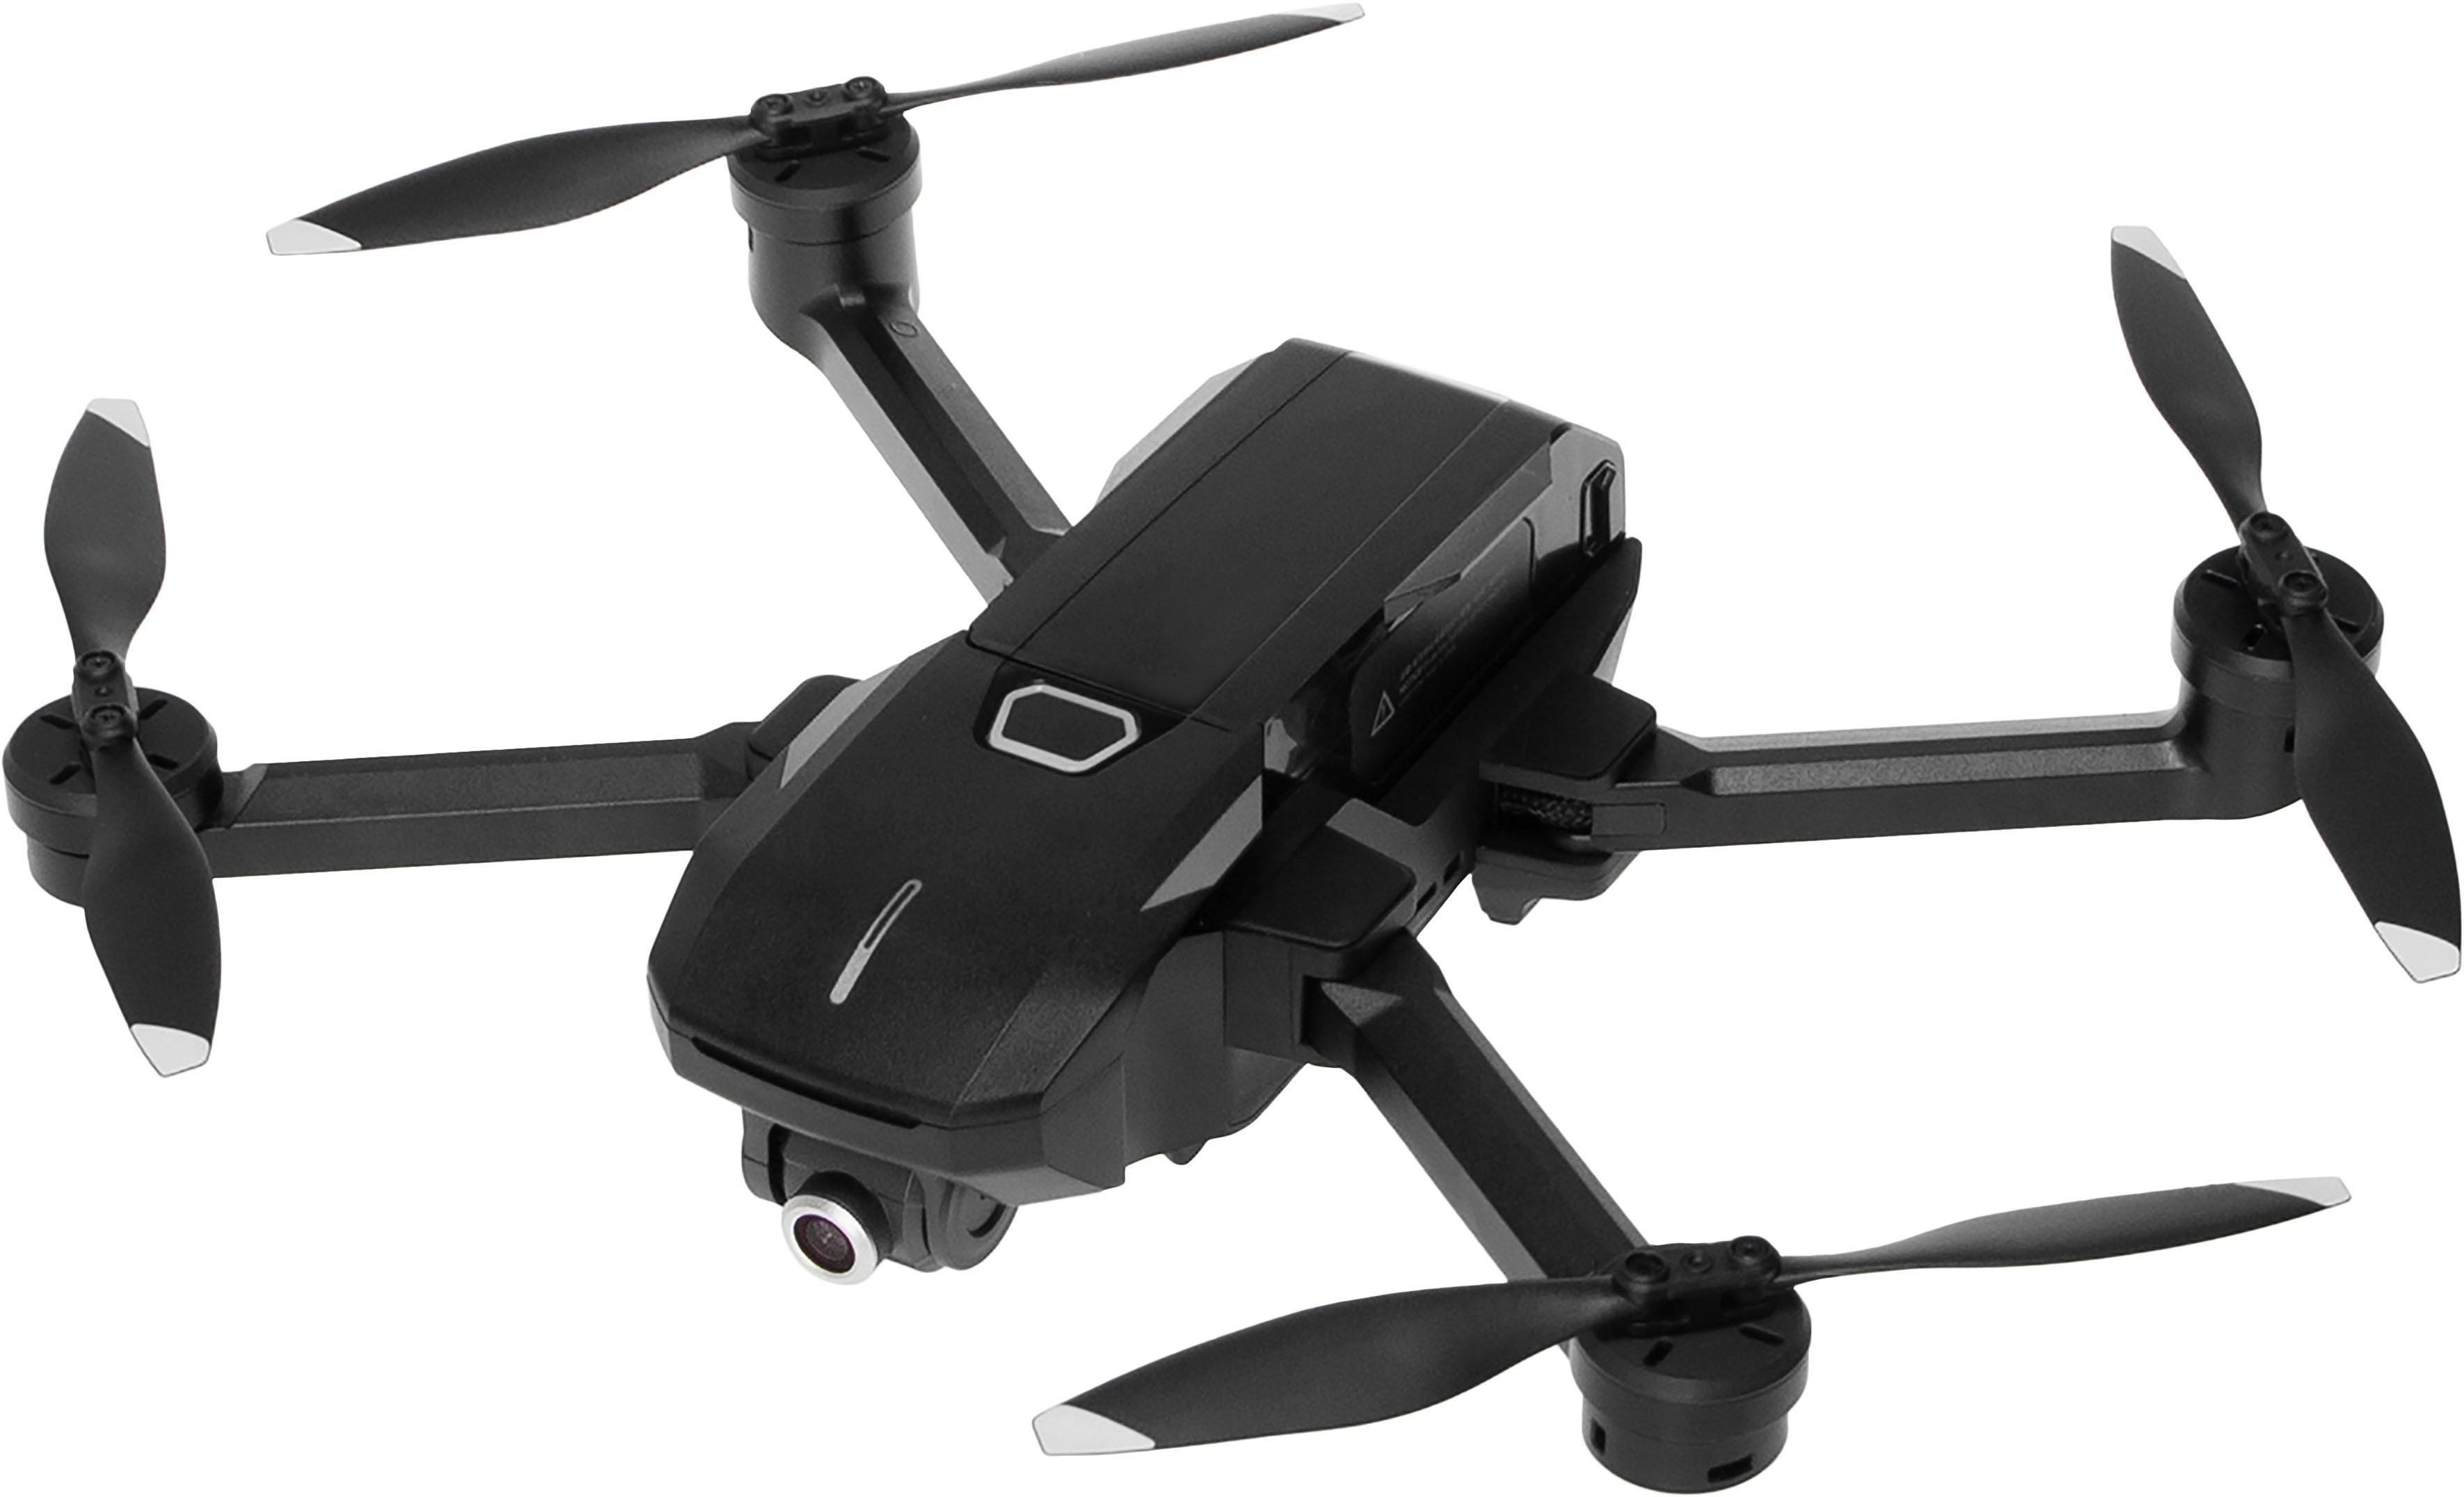 Holzpfosten Zaun Preisvergleich Die Besten Angebote Online Kaufen Chart Electrical Circuits T38052 Drohne Mantis Q